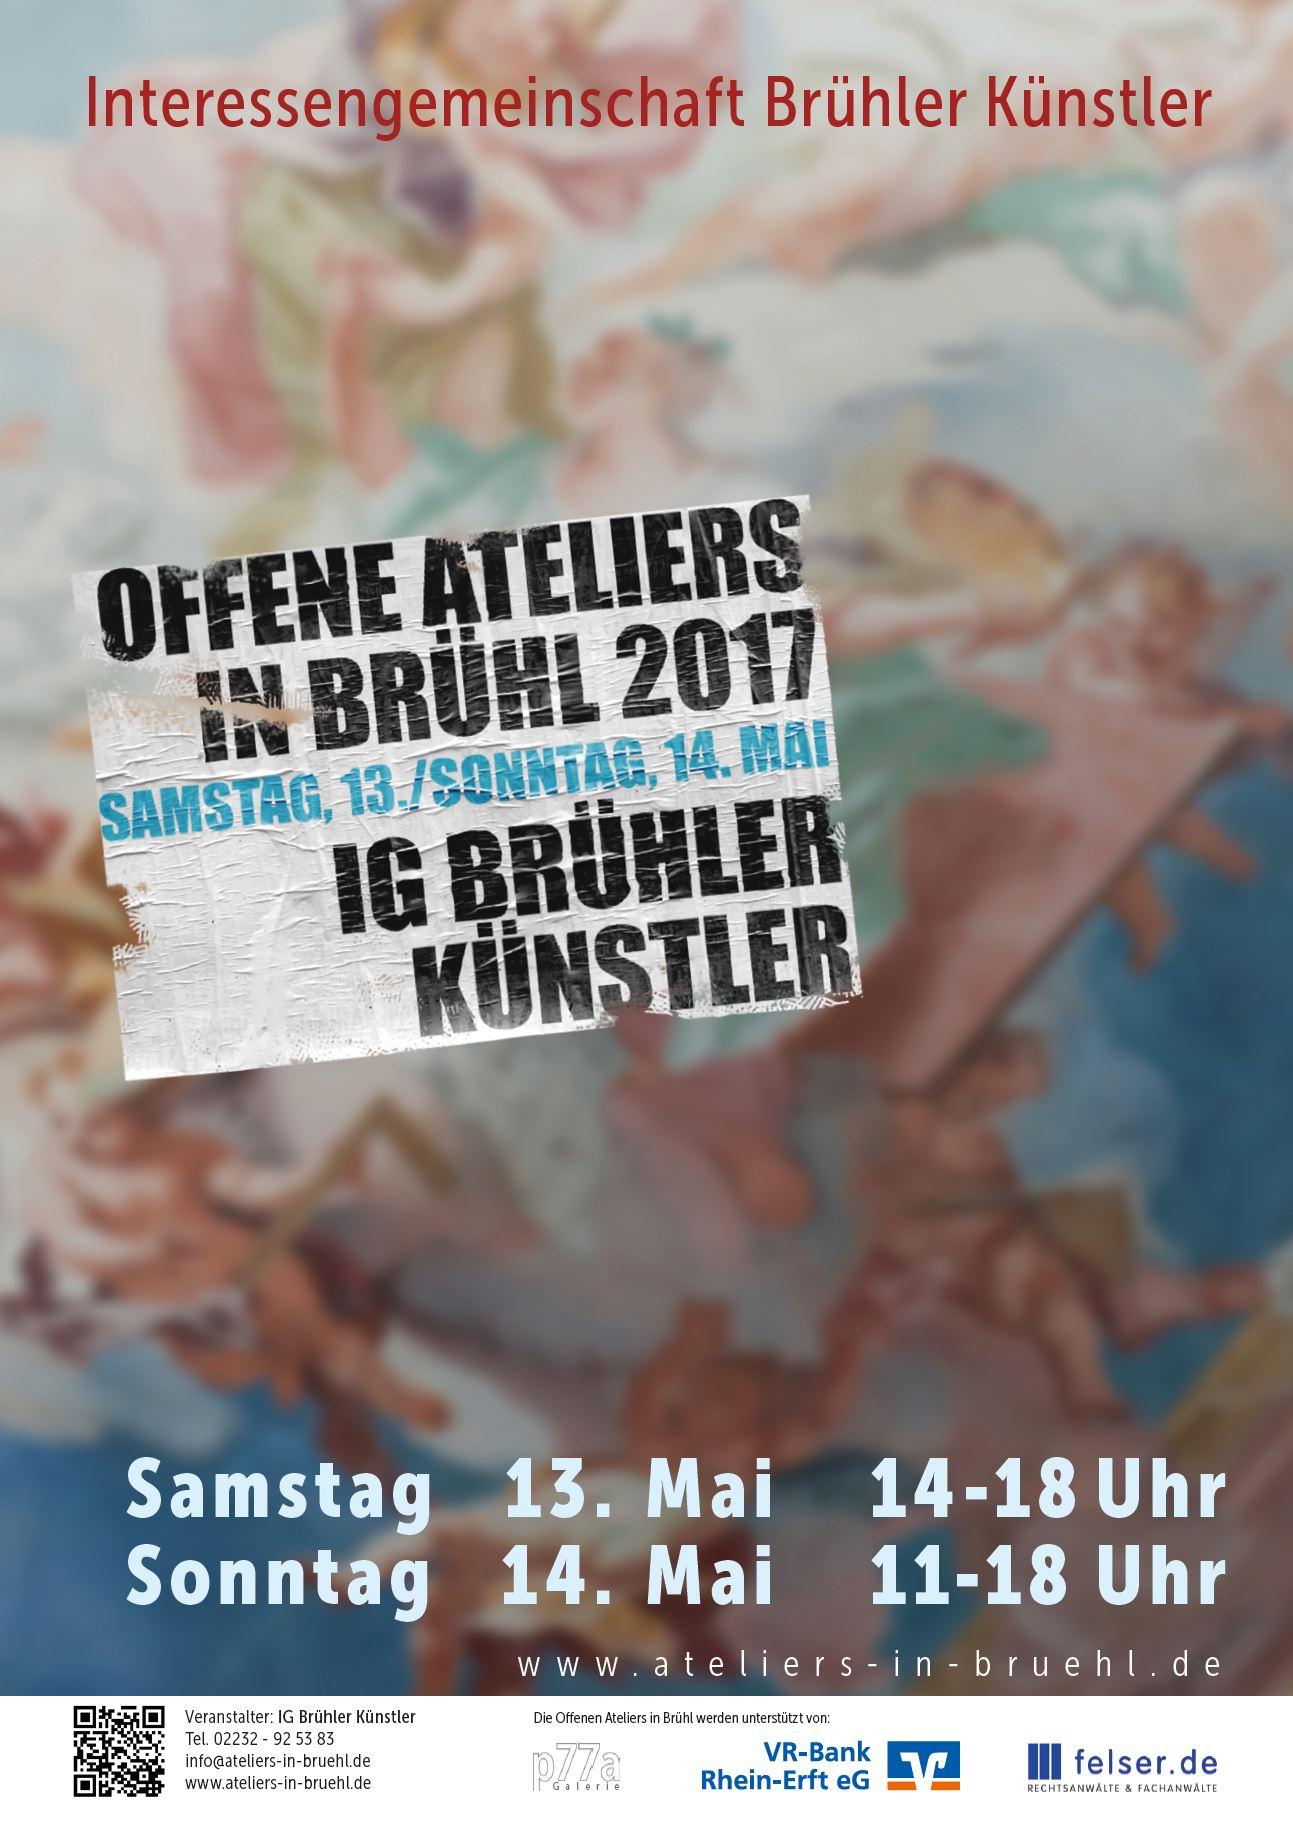 Offene Ateliersin Brühl 2017 -